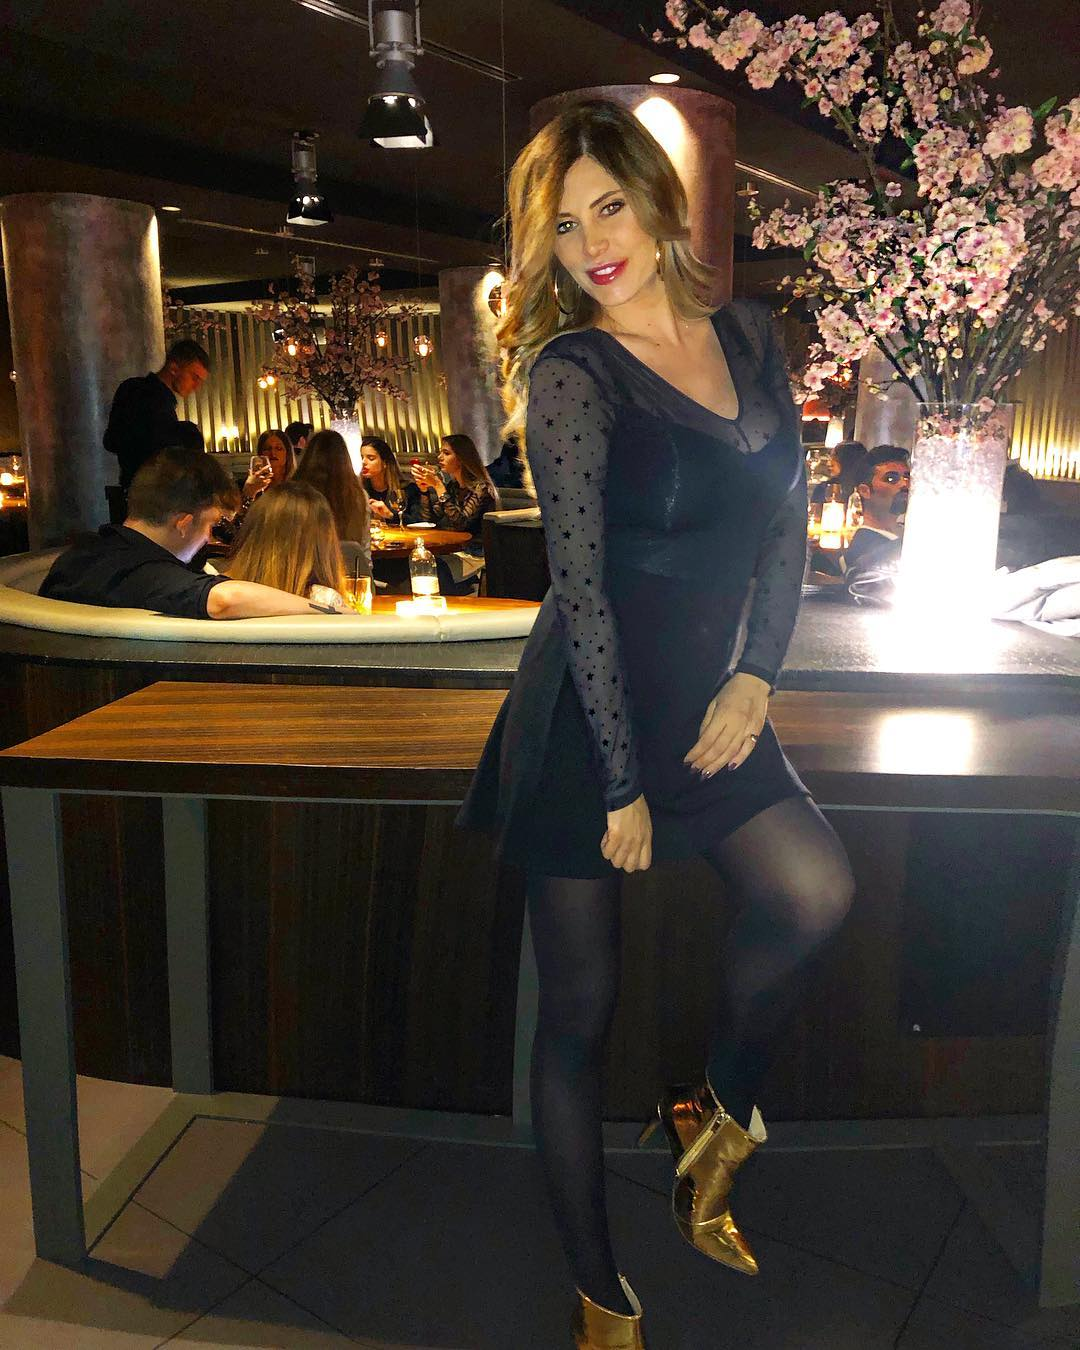 Paola Caruso senza veli e con il pancione su Instagram: scoppia la bufera